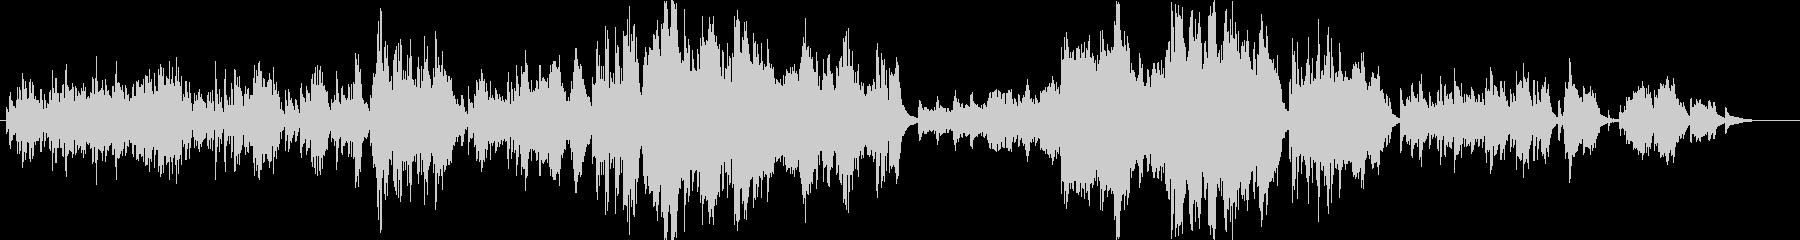 キュンとするピアノソロの未再生の波形